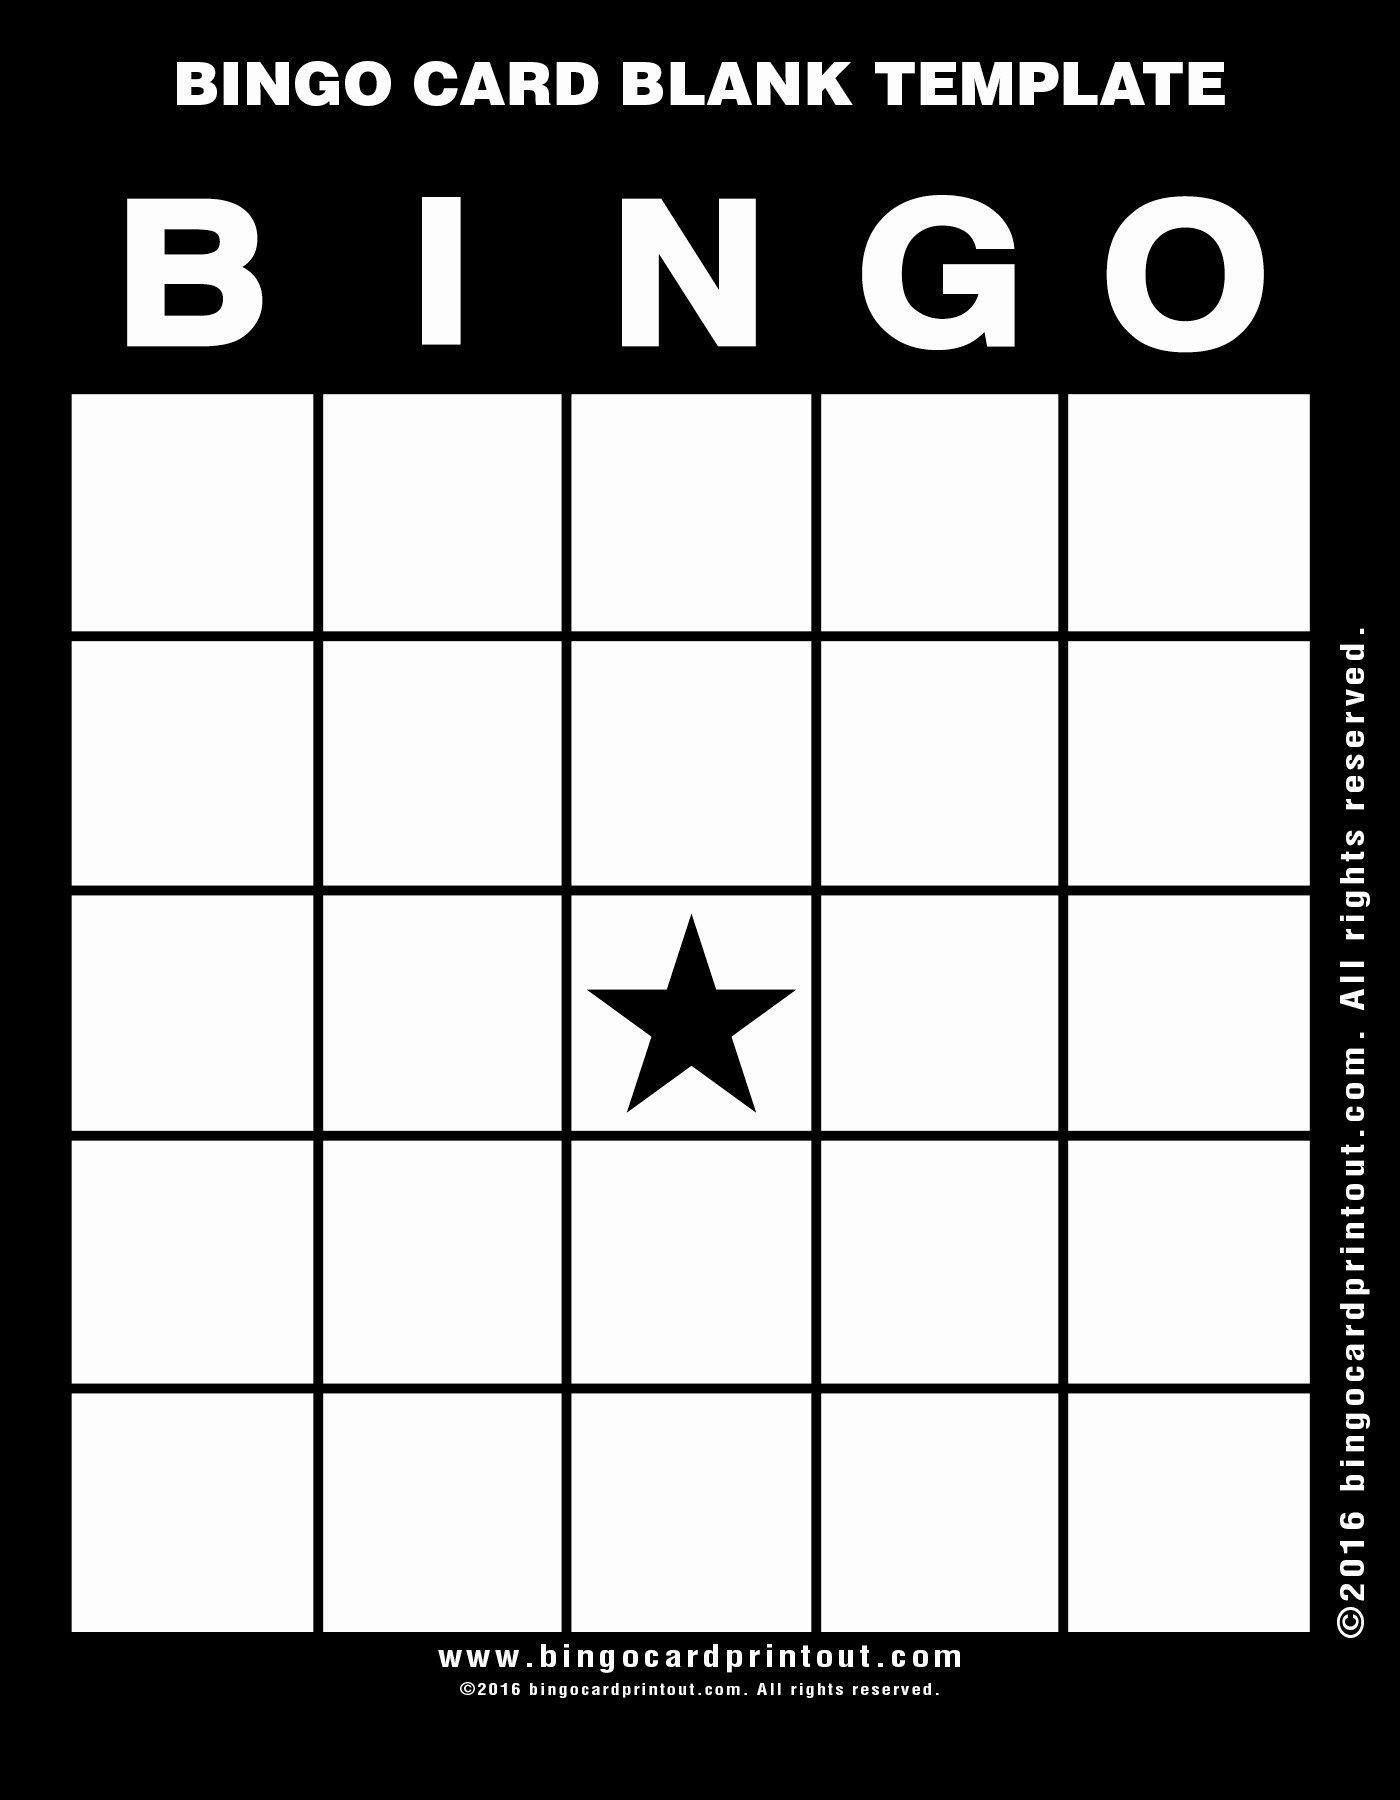 Bingo Card Blank Template Bingocardprintout